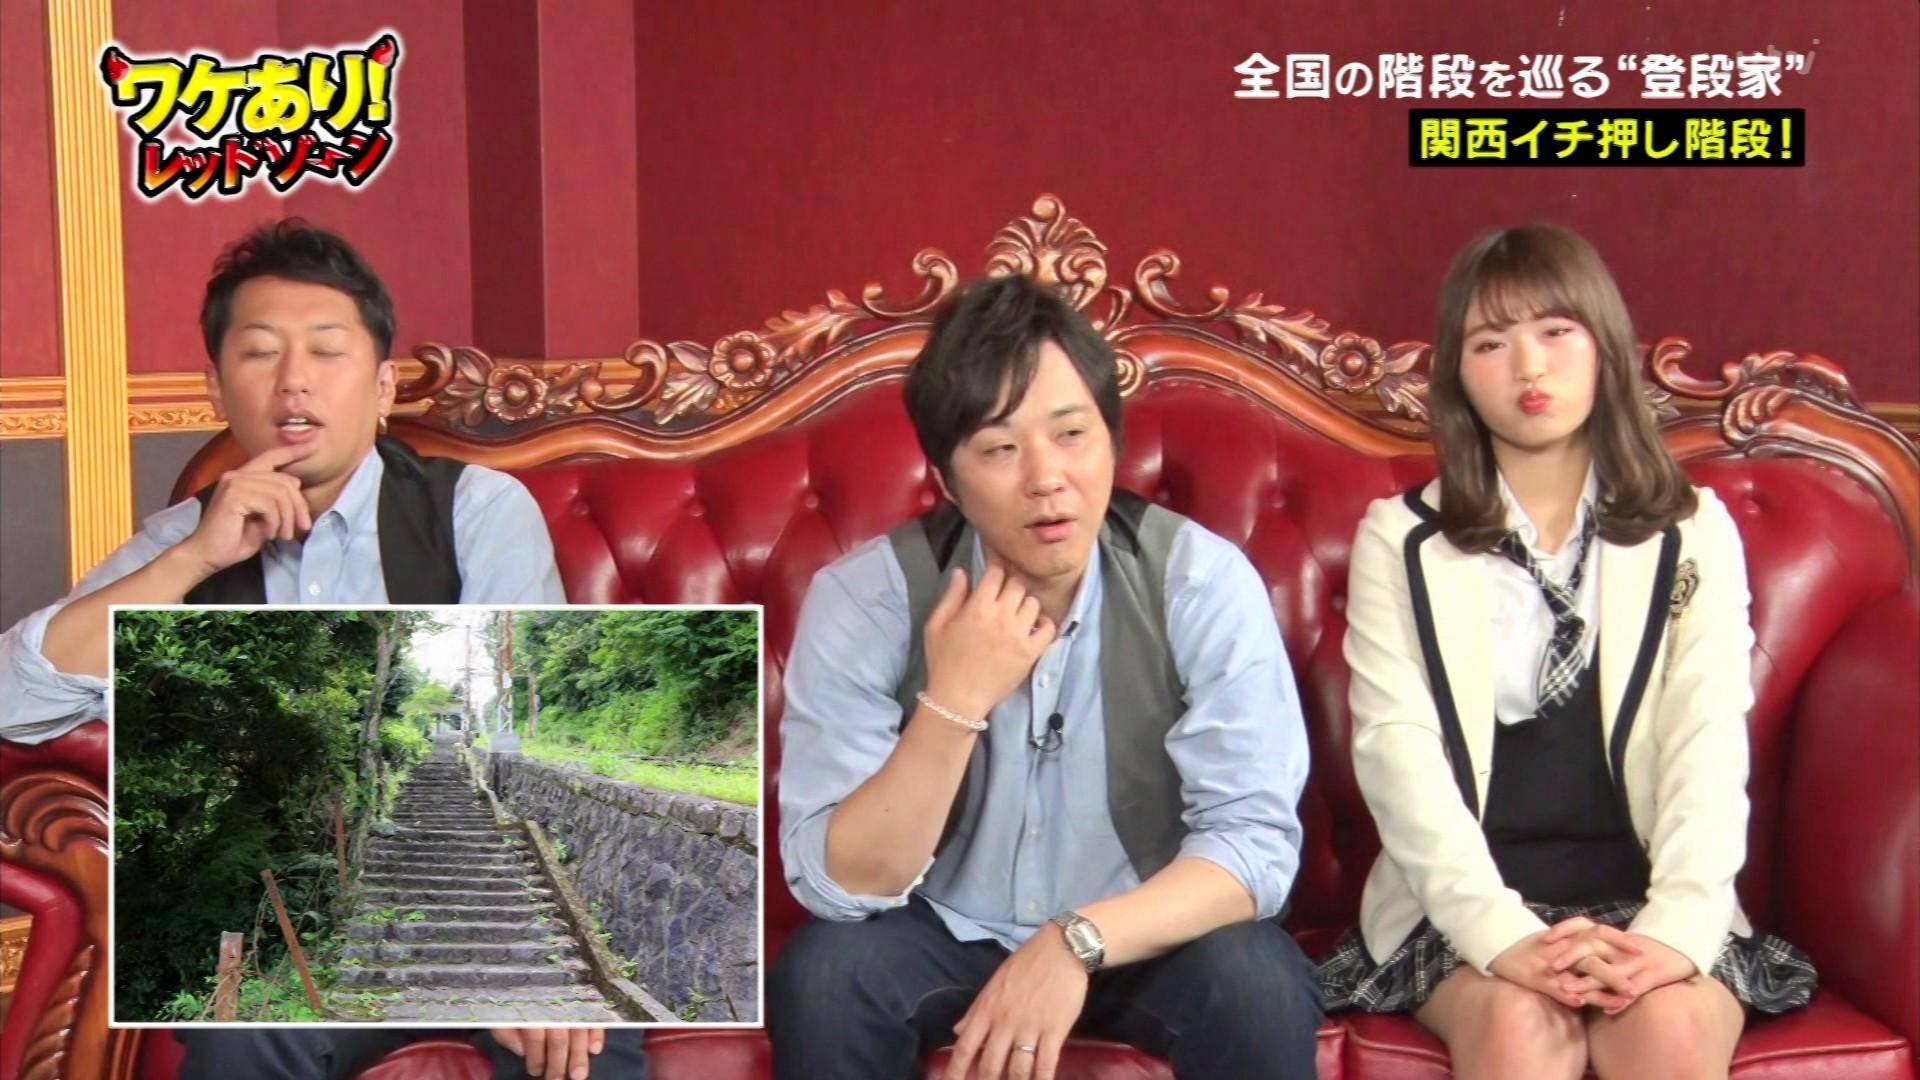 【渋谷凪咲】なぎさ出演 3月23日ワケあり!レッドゾーンキャプ画像。階段を愛する「登段家」